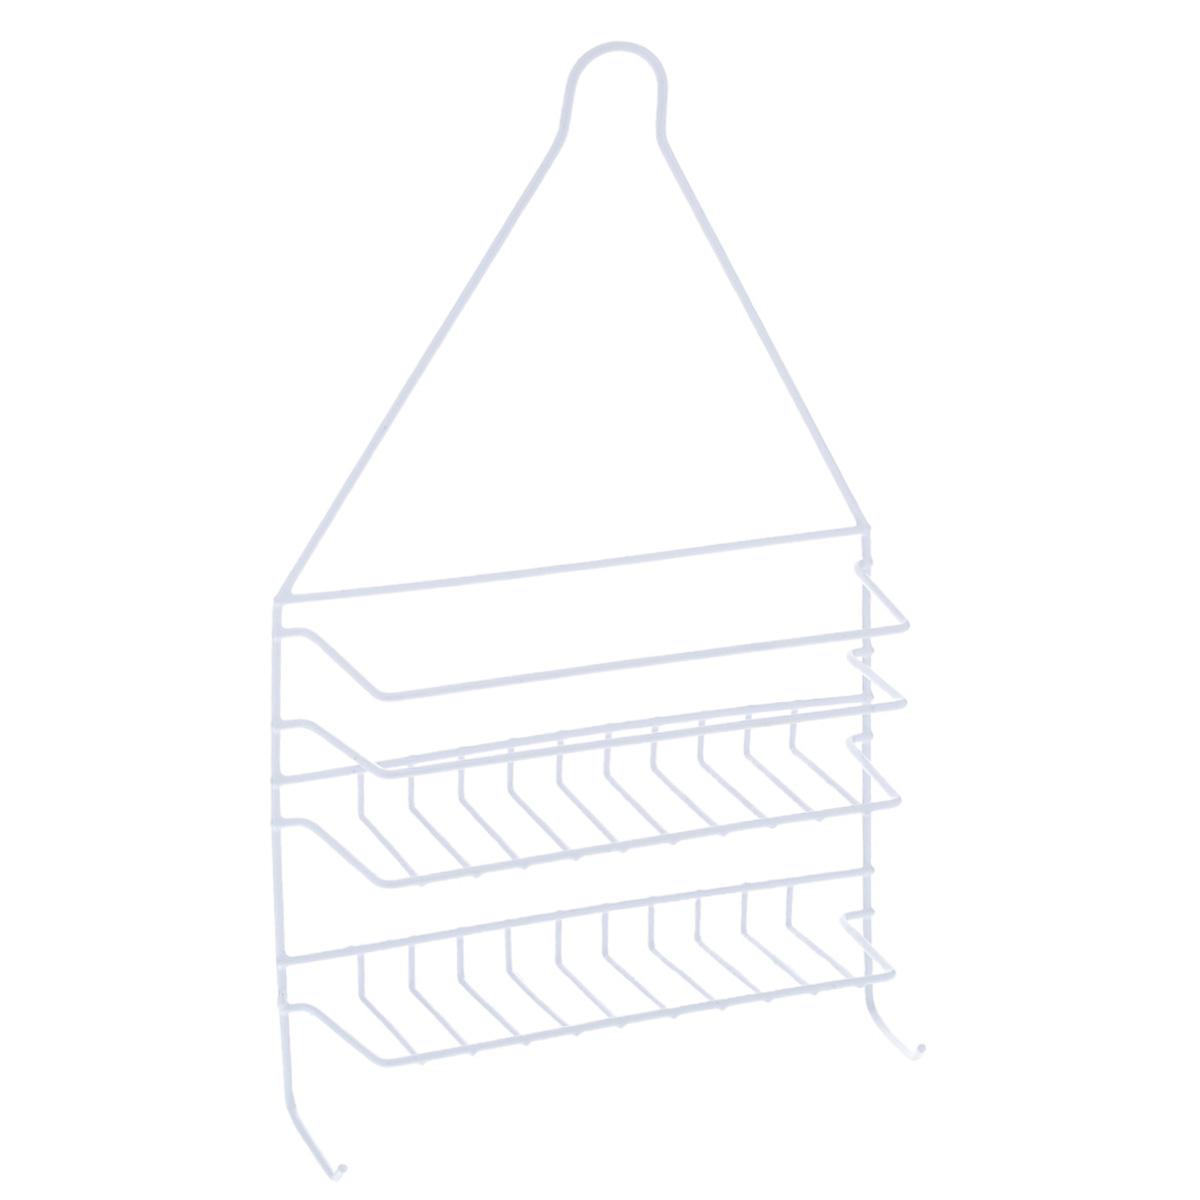 Полка Доляна, 2-х ярусная, цвет: белый, высота 44 см852959Полка Доляна выполнена из высококачественного металла и предназначена для хранения вещей в ванной комнате. Полка состоит из 2-х ярусов прямоугольной формы и двух крючков. Она пригодится для хранения различных предметов, которые всегда будут под рукой. Благодаря компактным размерам полка впишется в интерьер вашего дома и позволит вам удобно и практично хранить предметы домашнего обихода. Удобная и практичная металлическая полочка станет незаменимым аксессуаром в вашем хозяйстве. Высота полки: 44 см. Размер яруса: 21 см х 7 см. Расстояние между ярусами: 7 см.